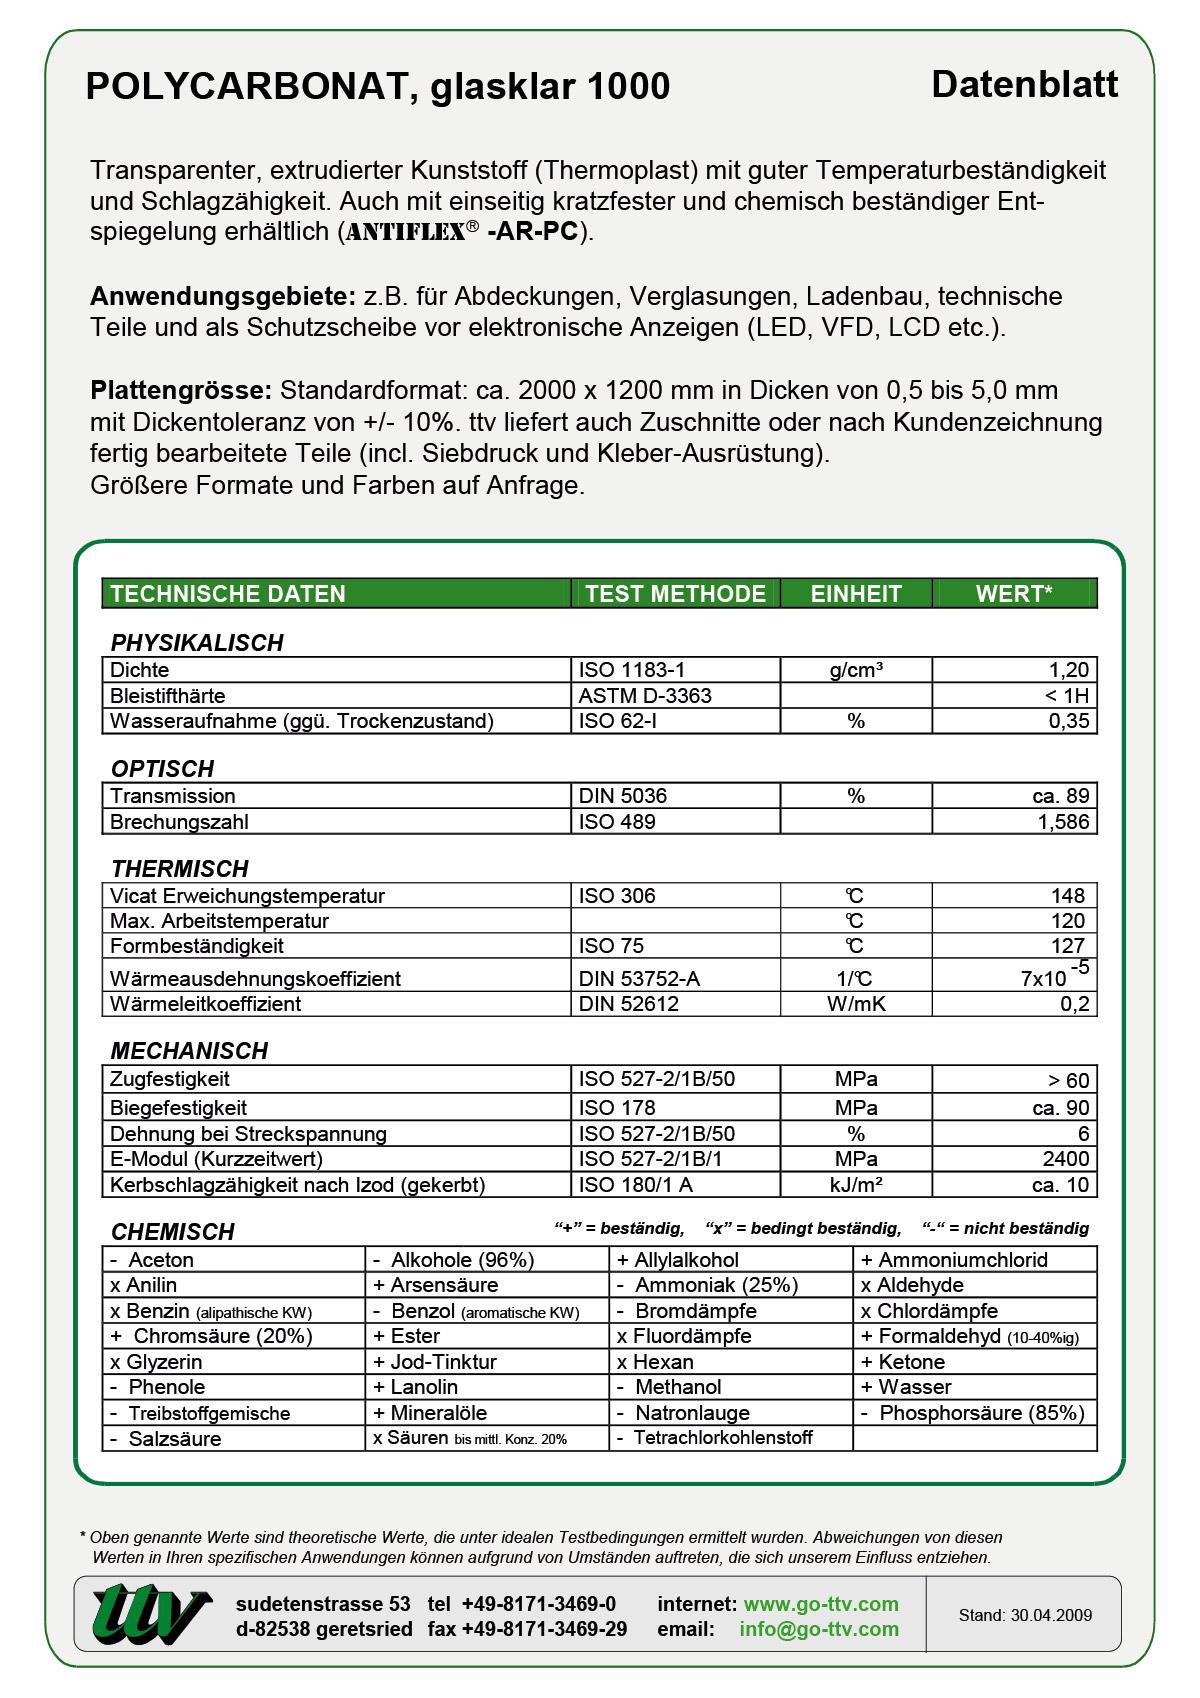 Polycarbonat Datenblatt